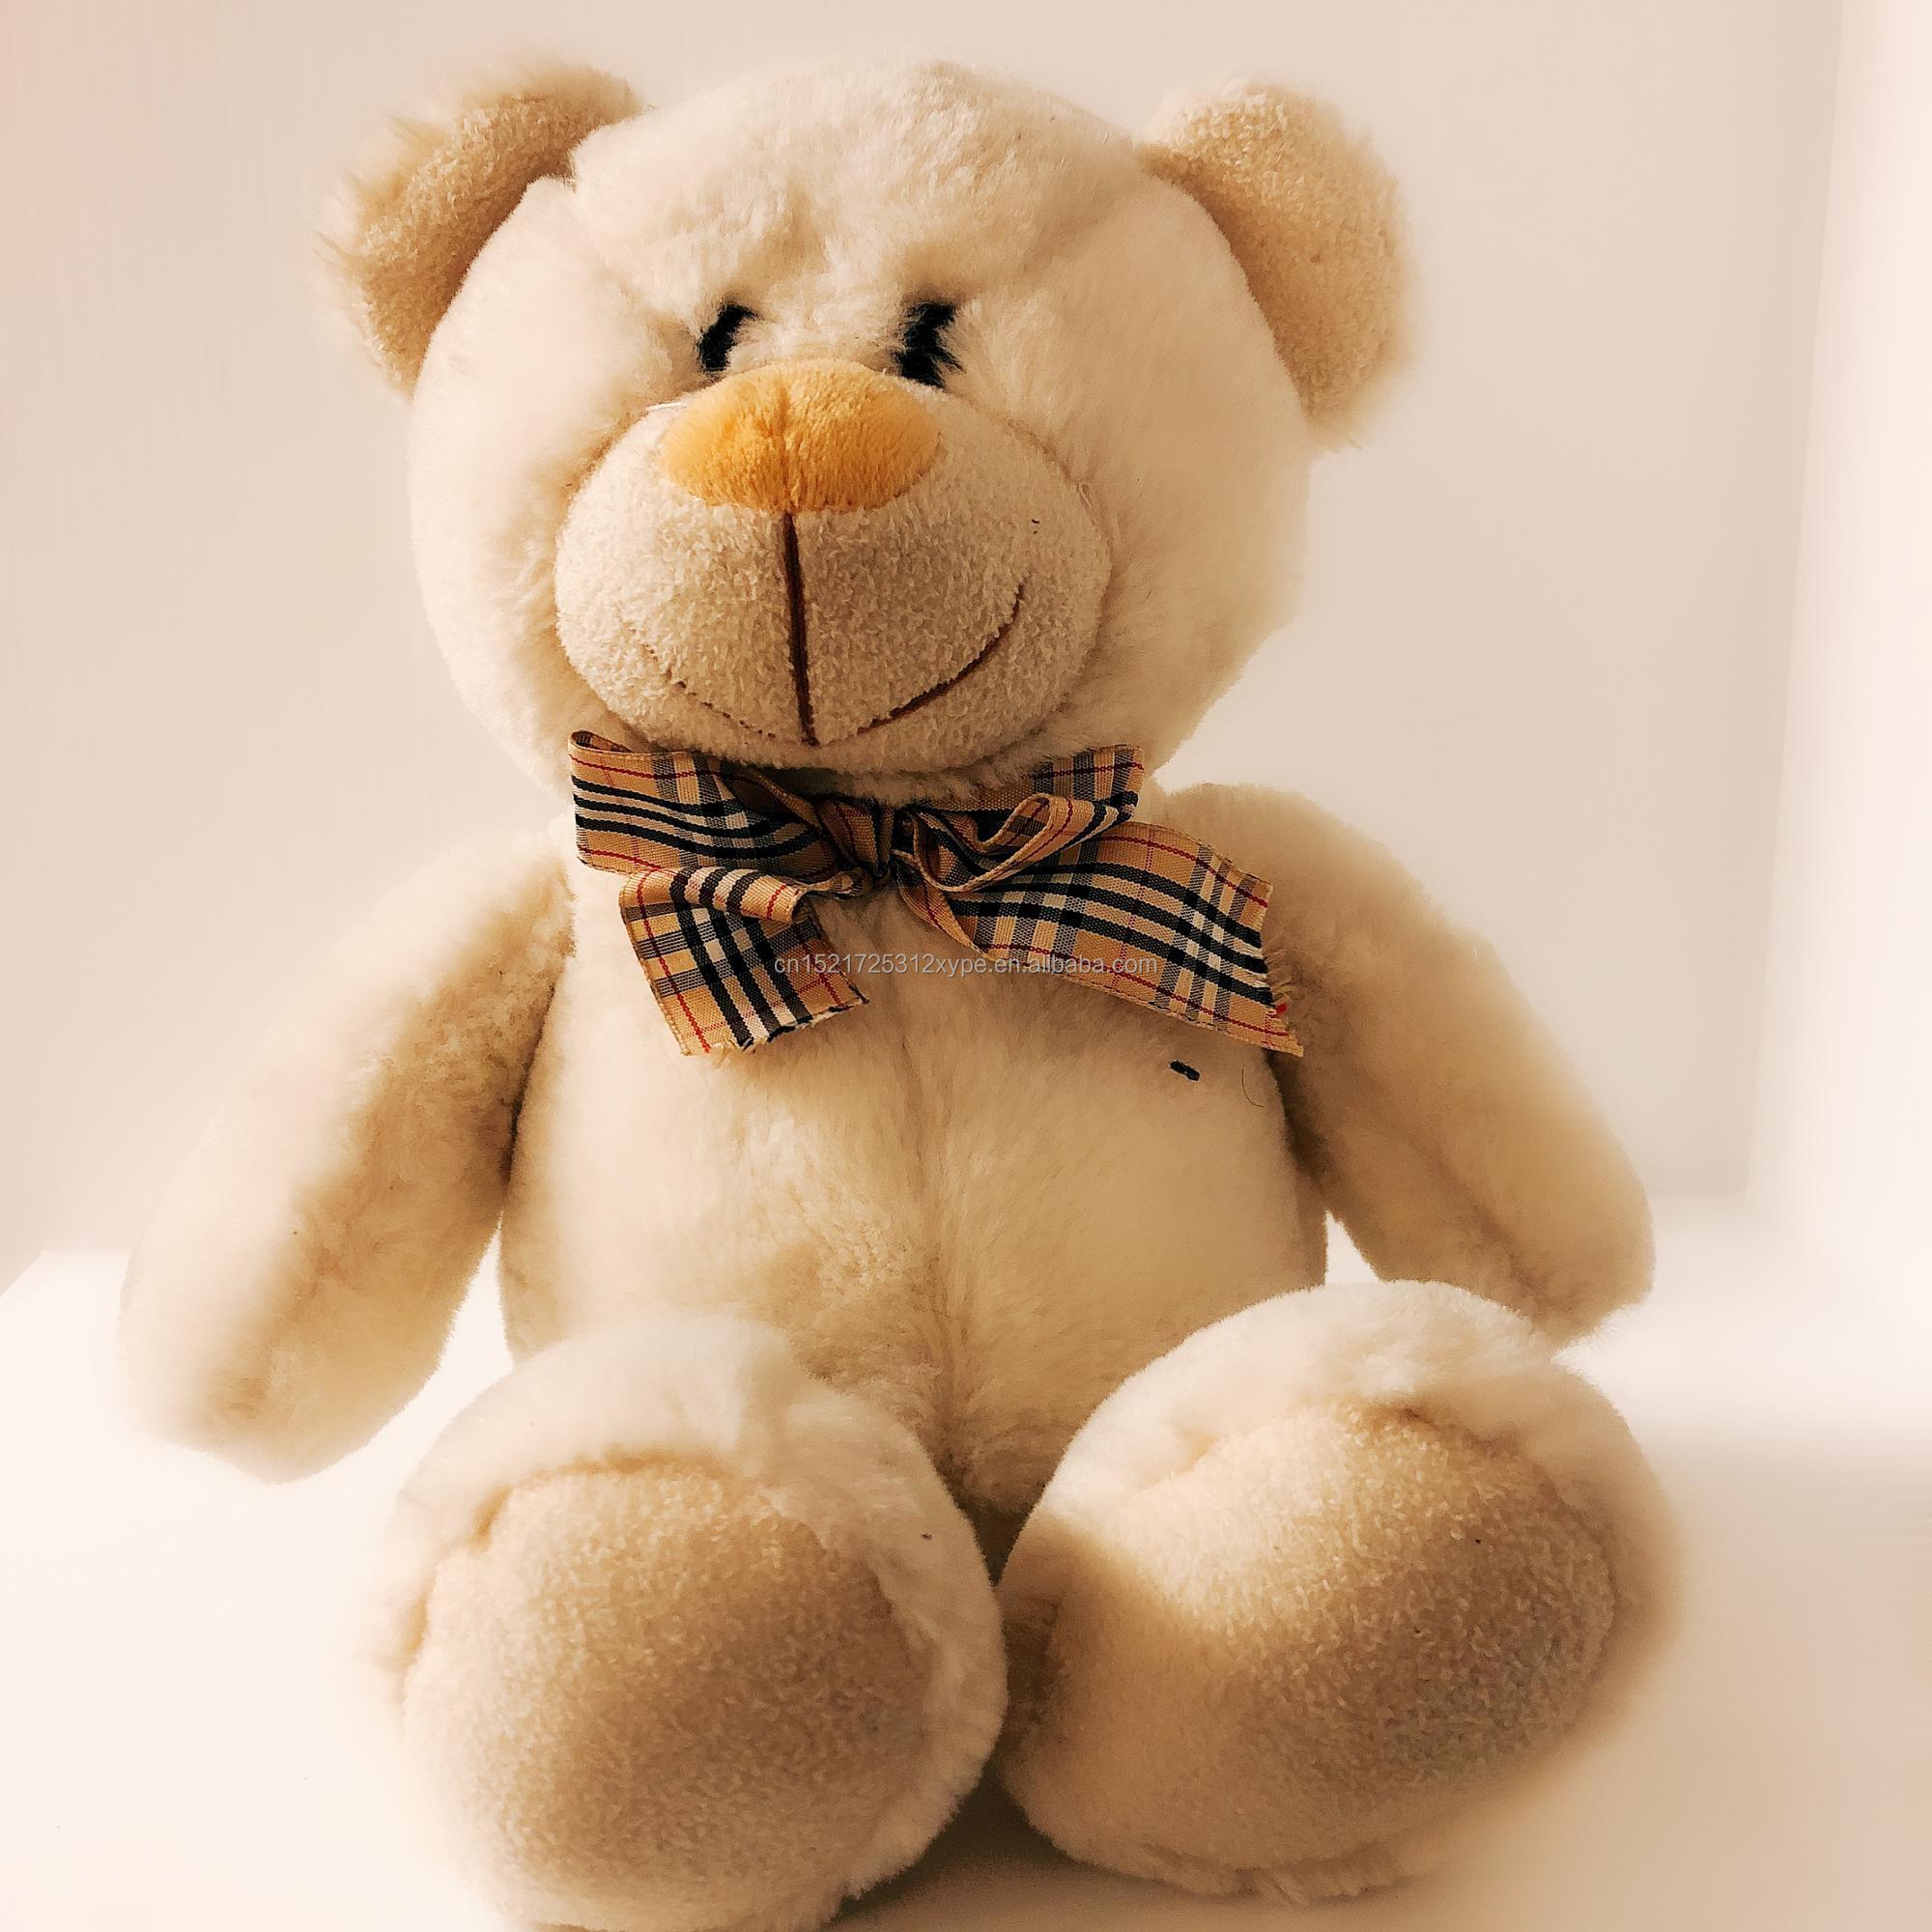 Commercio all'ingrosso di fabbrica su misura morbido peluche teddy bear a buon mercato promozionale regali di festa con bow tie